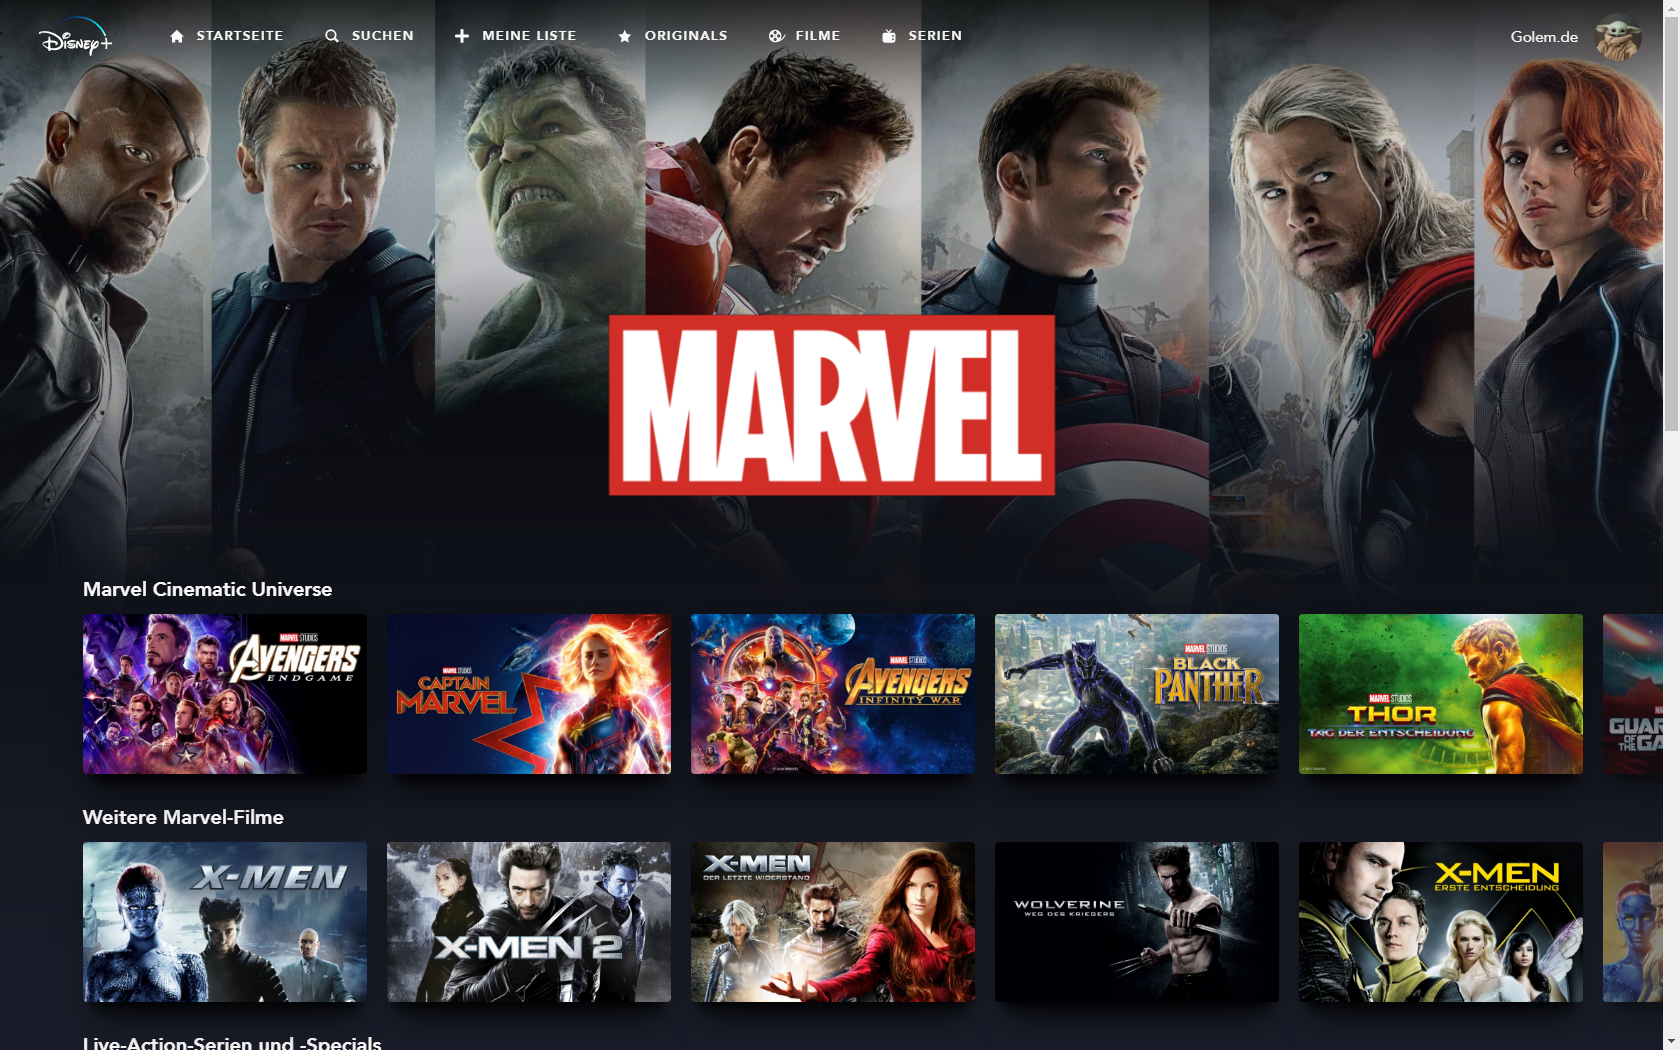 Konkurrenz für Netflix und Prime Video: Disney nennt Filme und Serien für Disney+ in Deutschland - Marvel-Rubrik bei Disney+ (Bild: Disney+/Screenshot: Golem.de)